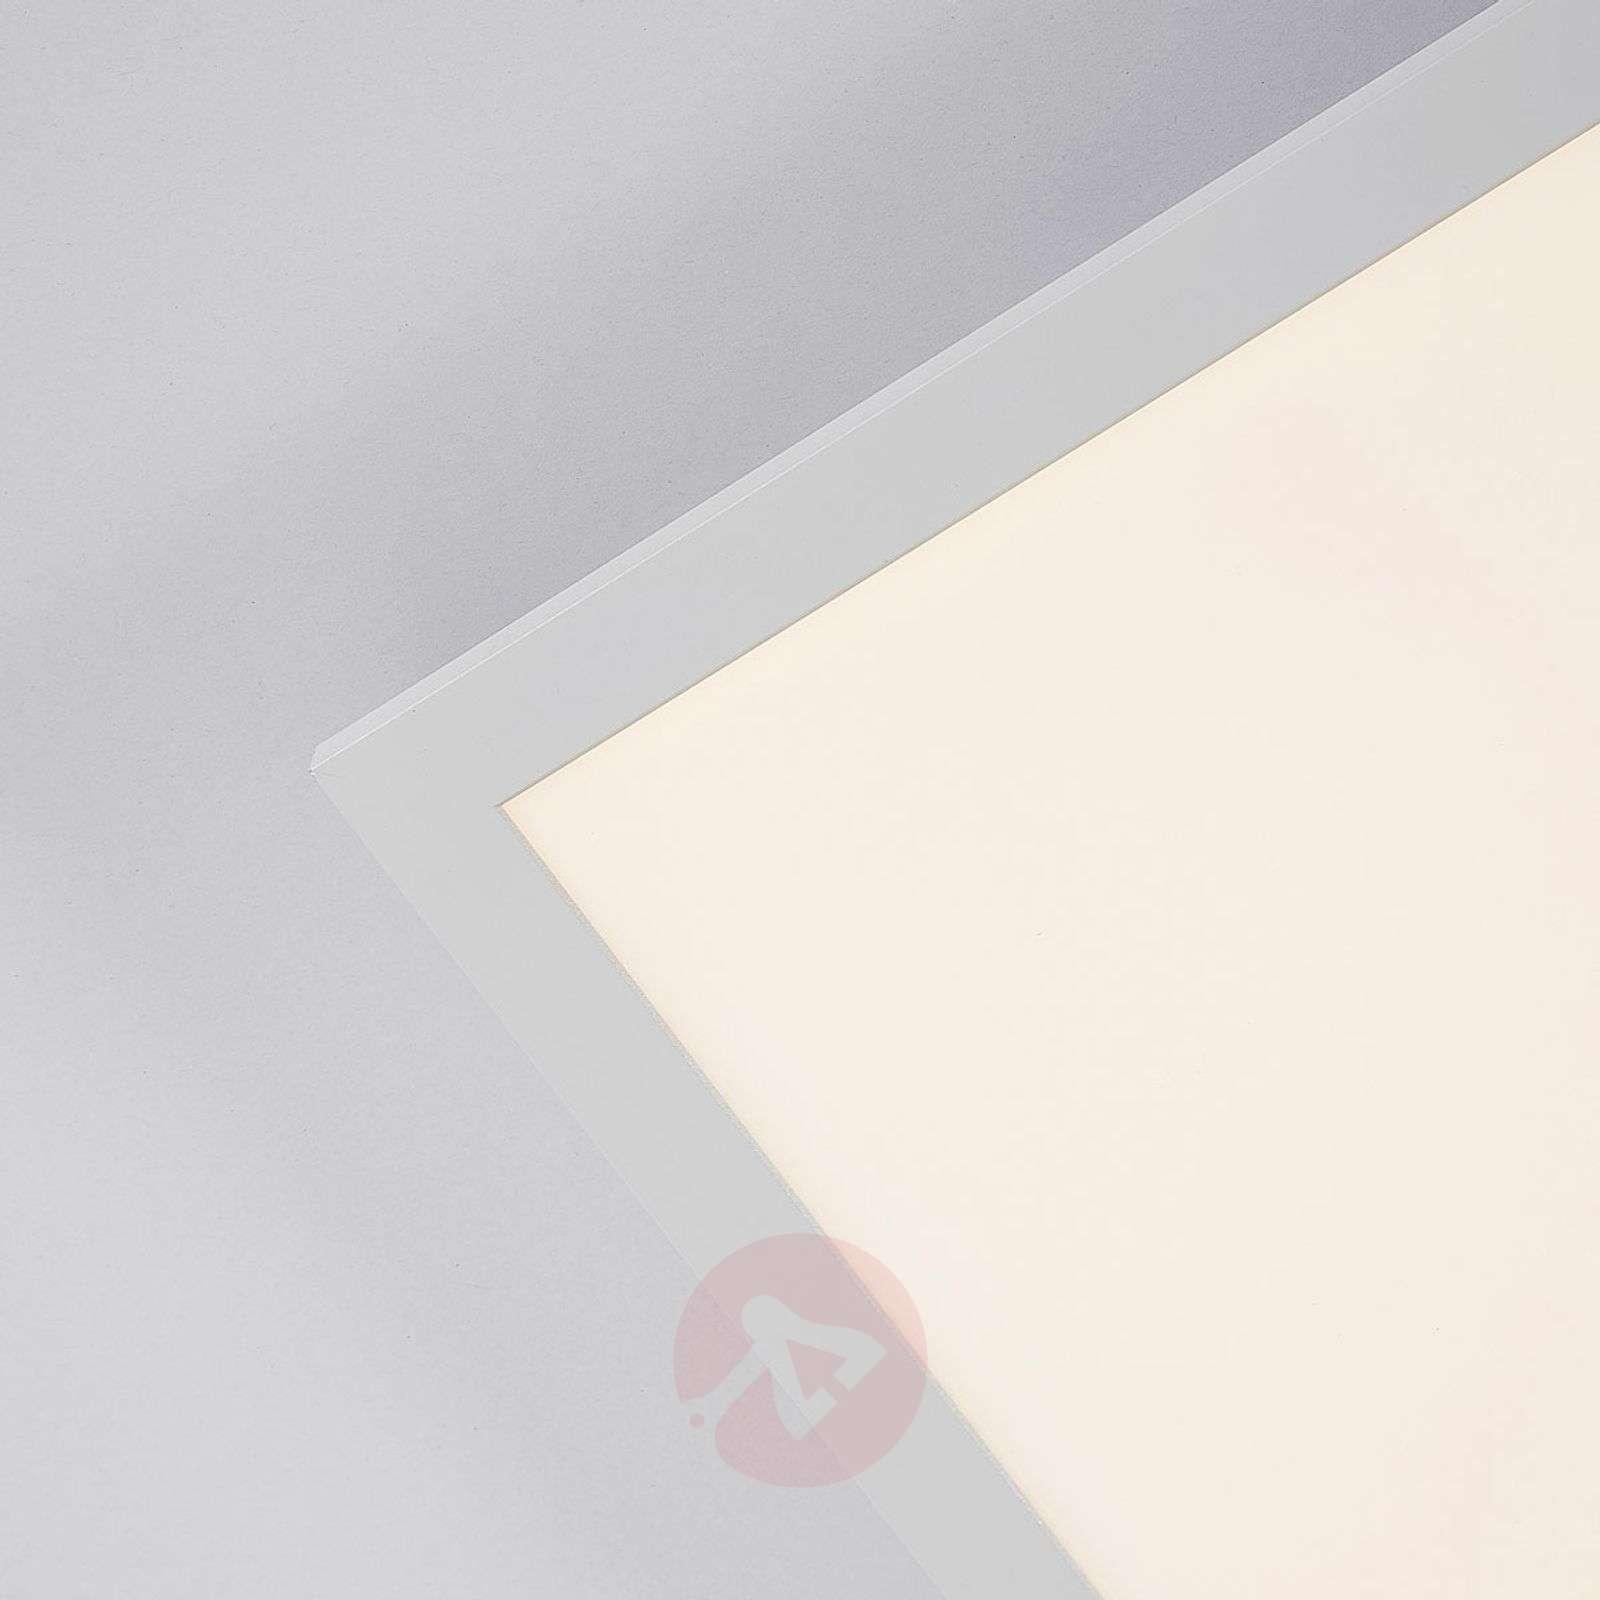 Lysander square LED ceiling light w. dimmer-9621558-02